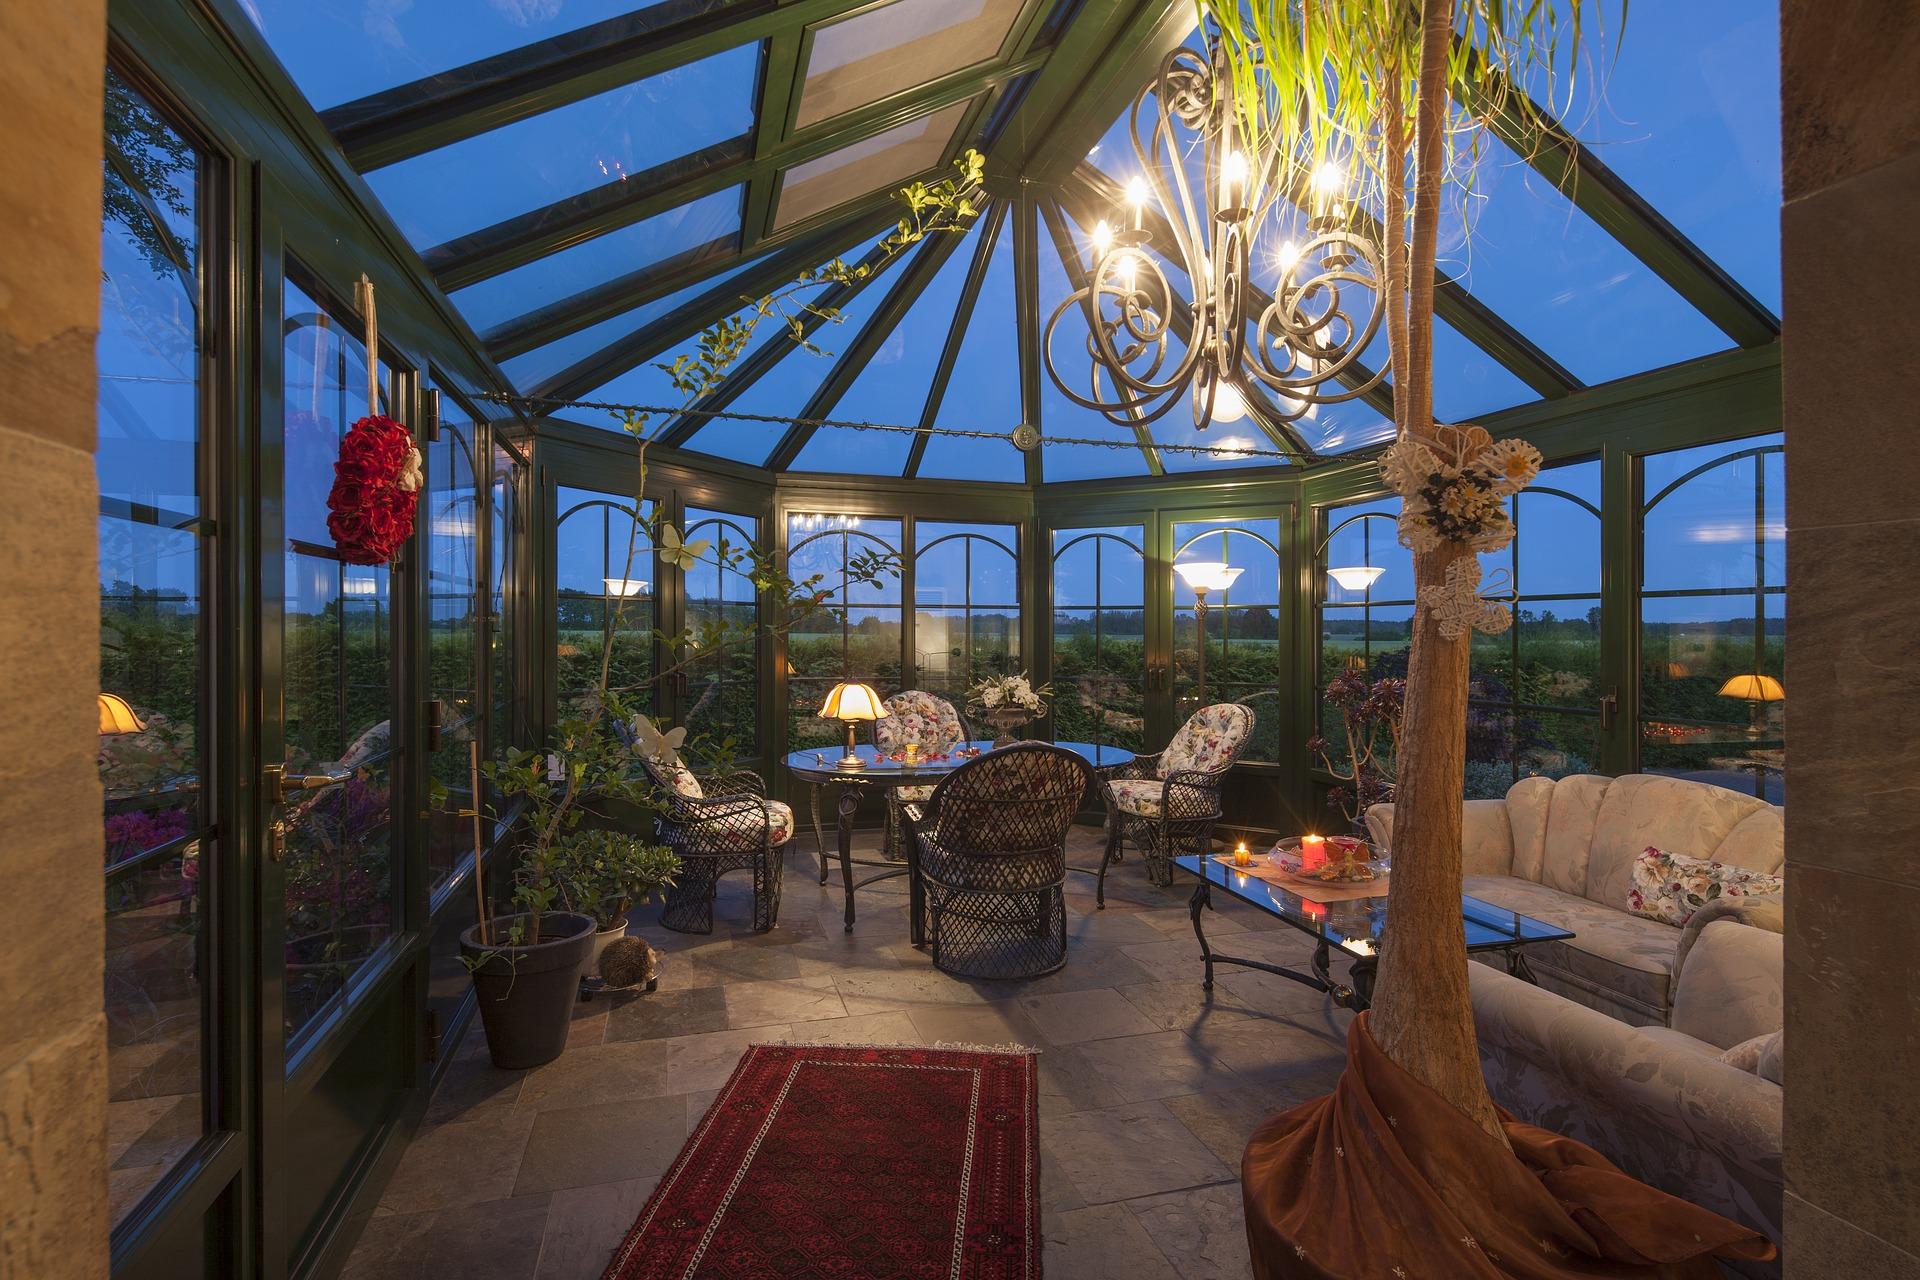 Ob Wintergarten oder überdachte Terrasse, beides zeugt von Stil und Geschmack.